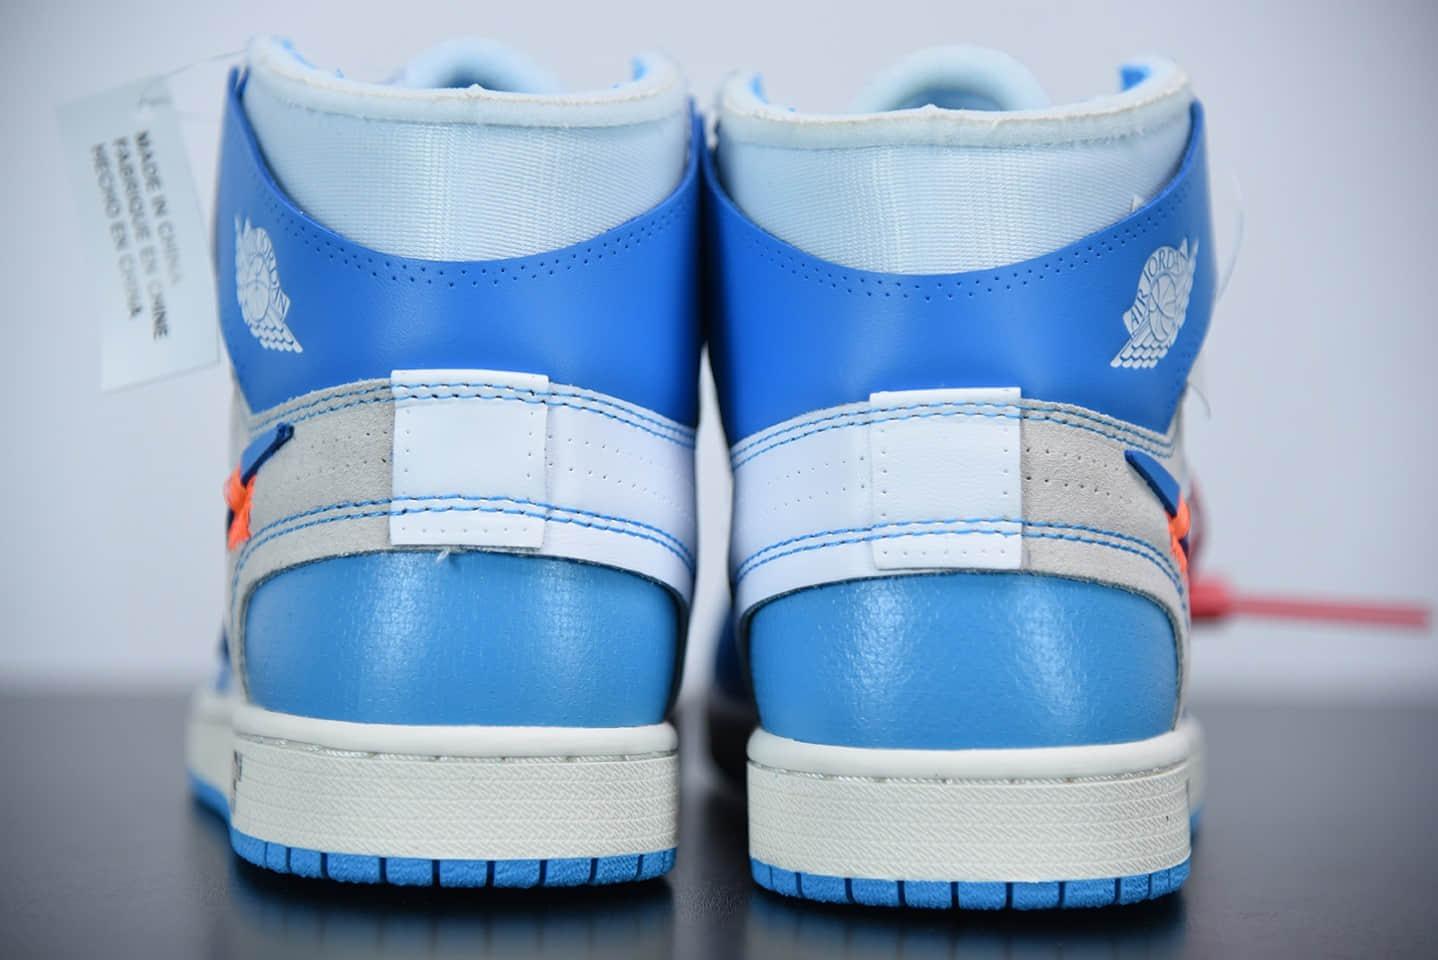 乔丹Air Jordan 1 x OFF-WHITE AJ1 OW黄龄同款联名北卡蓝高帮板鞋纯原版本 货号:AQ0818-148